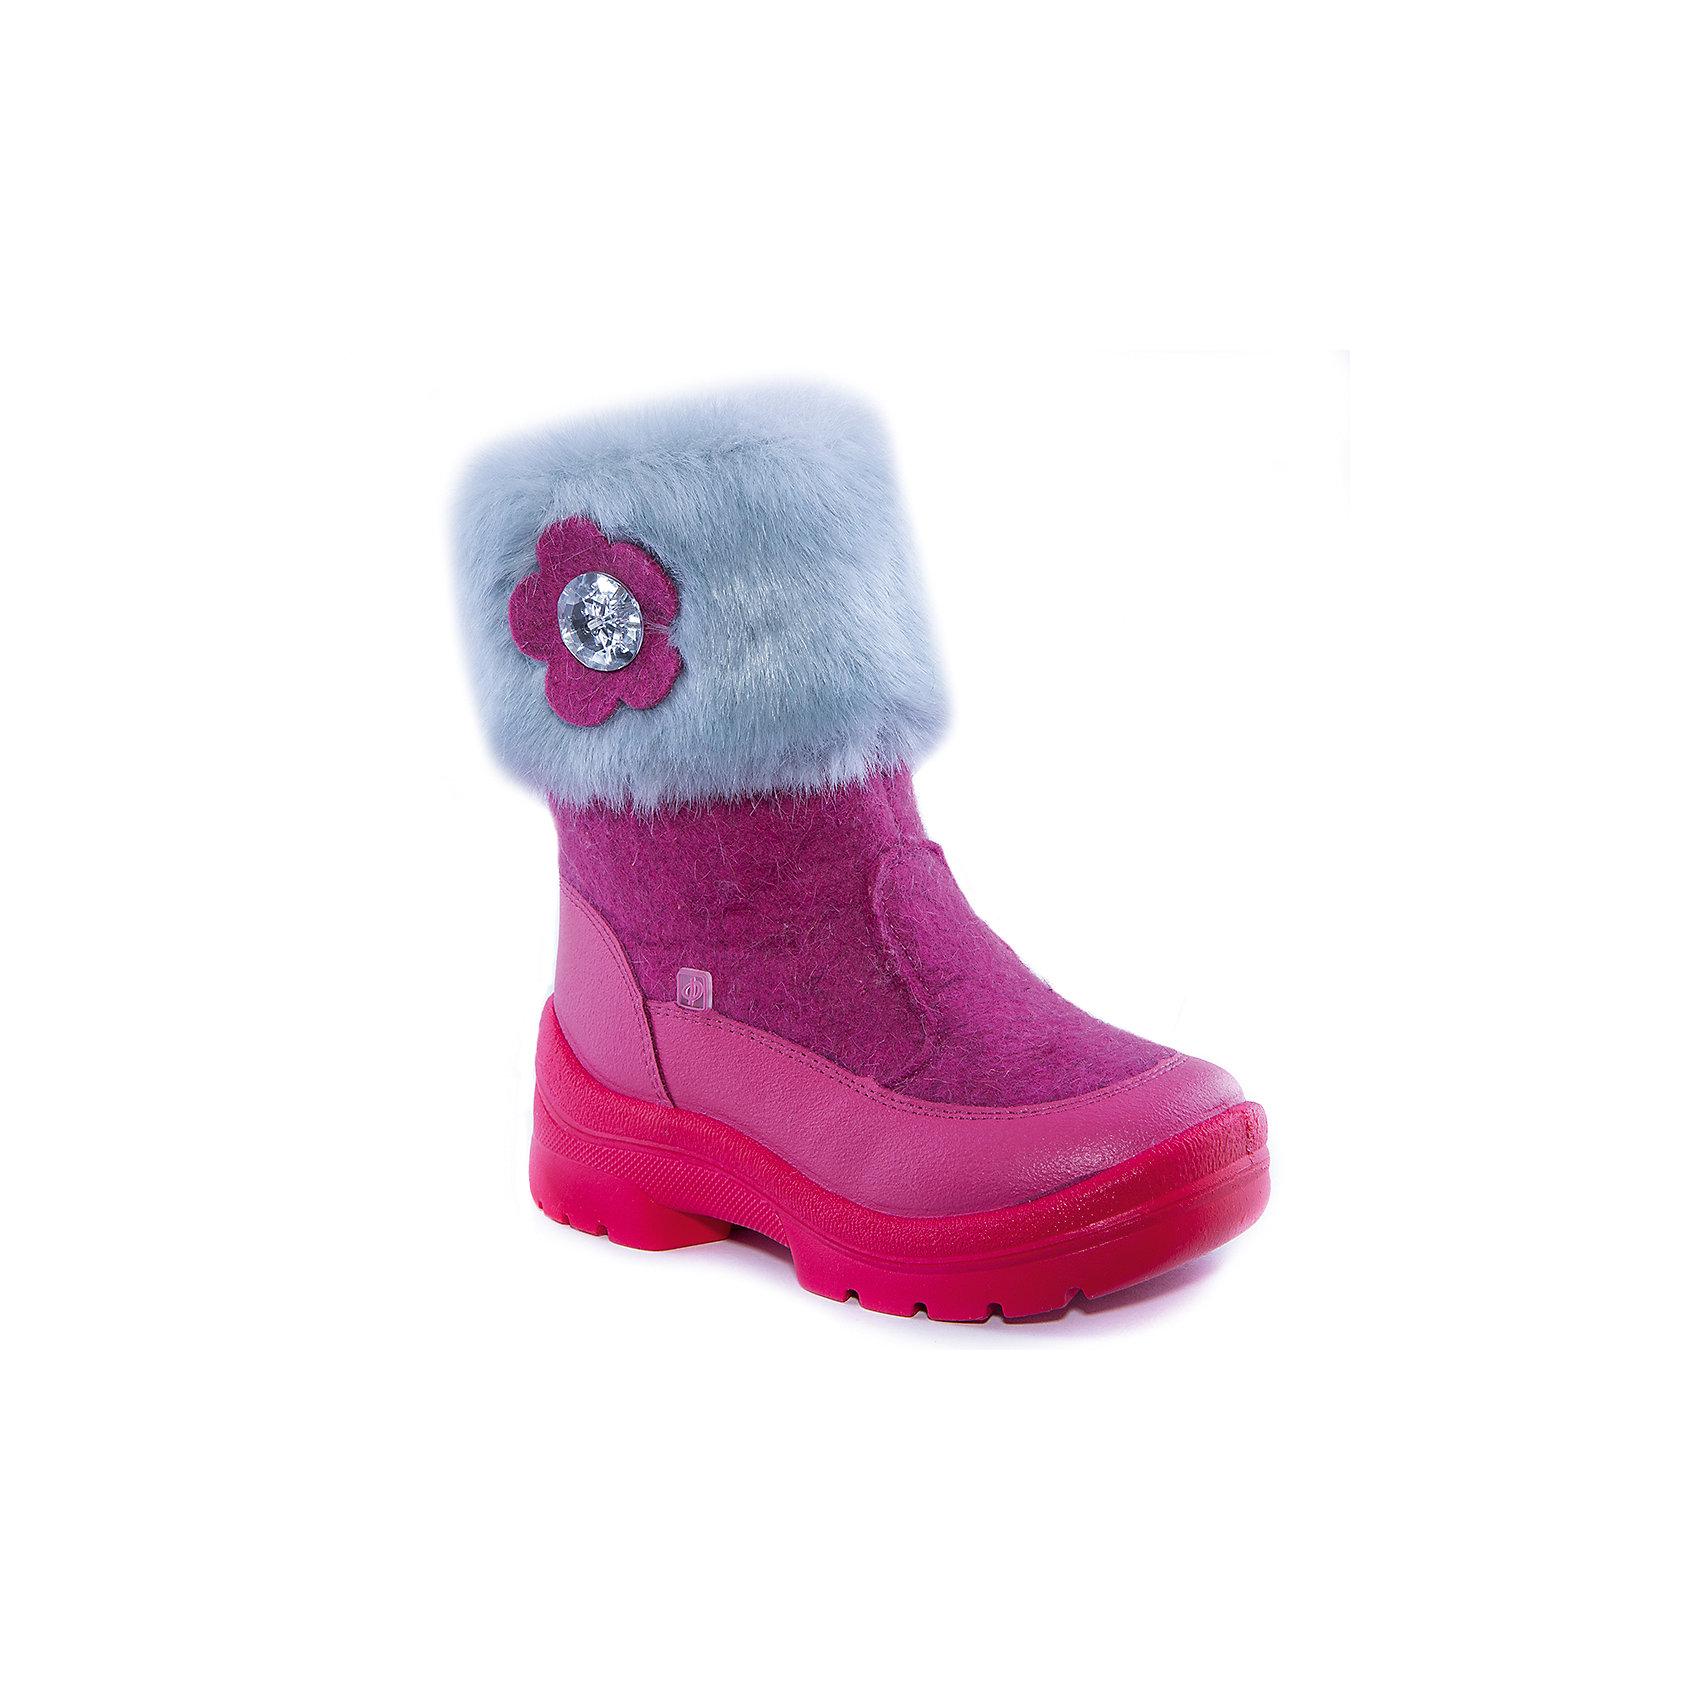 Валенки Клементина для девочки ФилипокВаленки<br>Характеристики товара:<br><br>• цвет: розовый<br>• температурный режим: от -5° С до -30° С<br>• внешний материал: эко-войлок (натуральная шерсть)<br>• подкладка: натуральная овечья шерсть<br>• стелька: шерстяной войлок (3,5 мм)<br>• подошва: литая, полиуретан<br>• декорированы искусственным мехом<br>• подошва с анти скользящей с системой протектора anti slip<br>• застежка: молния<br>• защита носка - натуральная кожа с износостойкой пропиткой<br>• усиленная пятка<br>• толстая устойчивая подошва<br>• страна бренда: РФ<br>• страна изготовитель: РФ<br><br>Очень теплые и удобные валенки для ребенка от известного бренда детской обуви Филипок созданы специально для русской зимы. Качественные материалы с пропиткой против попадания воды внутрь и модный дизайн понравятся и малышам и их родителям. Подошва и стелька обеспечат ребенку комфорт, сухость и тепло, позволяя в полной мере наслаждаться зимним отдыхом. Усиленная защита пятки и носка обеспечивает дополнительную безопасность детских ног в этих сапожках.<br>Эта красивая и удобная обувь прослужит долго благодаря отличному качеству. Производитель анти скользящее покрытие и амортизирующие свойства подошвы! Модель производится из качественных и проверенных материалов, которые безопасны для детей.<br><br>Валенки для девочки от бренда Филипок можно купить в нашем интернет-магазине.<br><br>Ширина мм: 257<br>Глубина мм: 180<br>Высота мм: 130<br>Вес г: 420<br>Цвет: розовый<br>Возраст от месяцев: 24<br>Возраст до месяцев: 24<br>Пол: Женский<br>Возраст: Детский<br>Размер: 30,29,27,25,26,24,32,28,31<br>SKU: 4207298